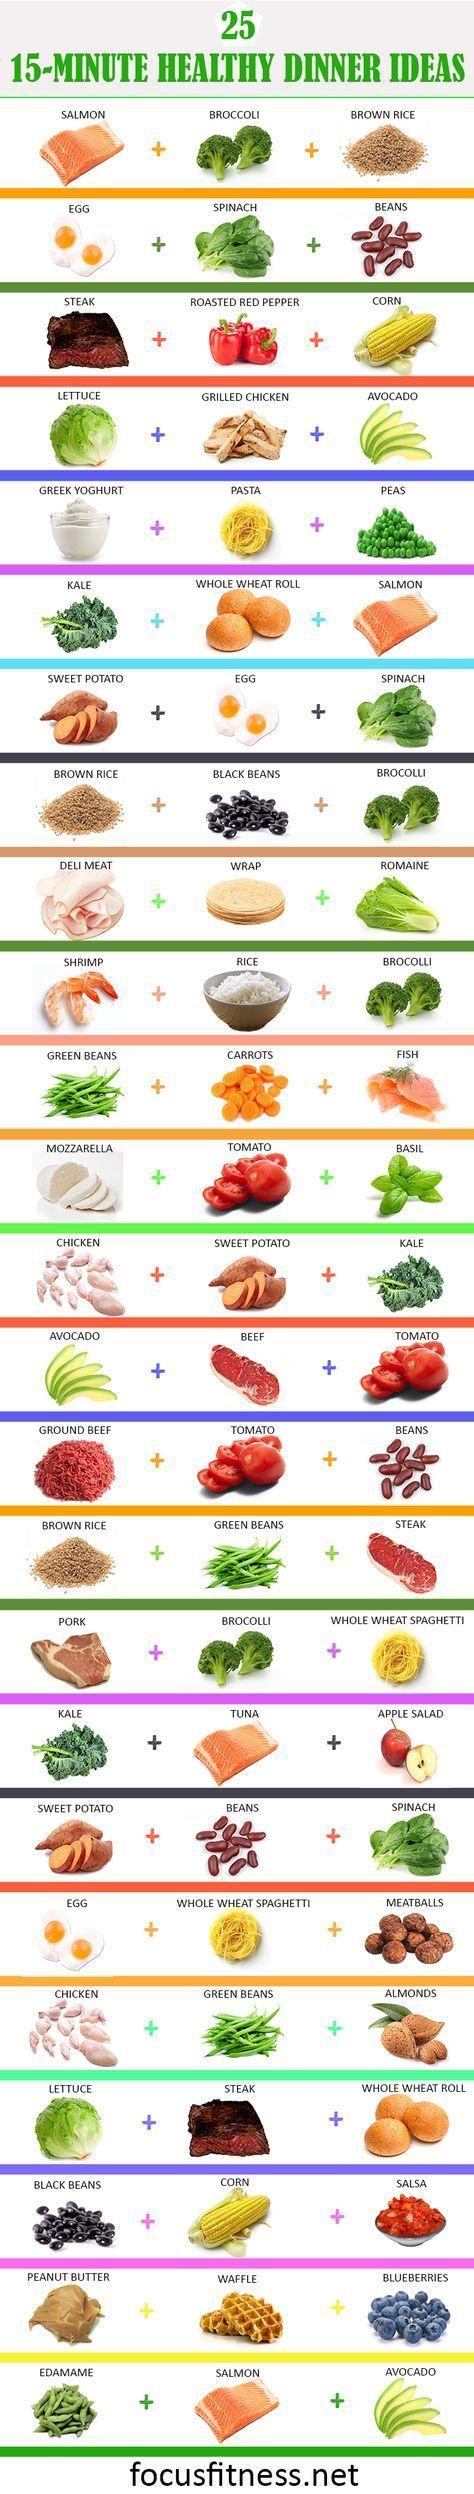 25 15-minütige Ideen für ein gesundes Abendessen zur Gewichtsreduktion - Focus Fitness   - Get healt...